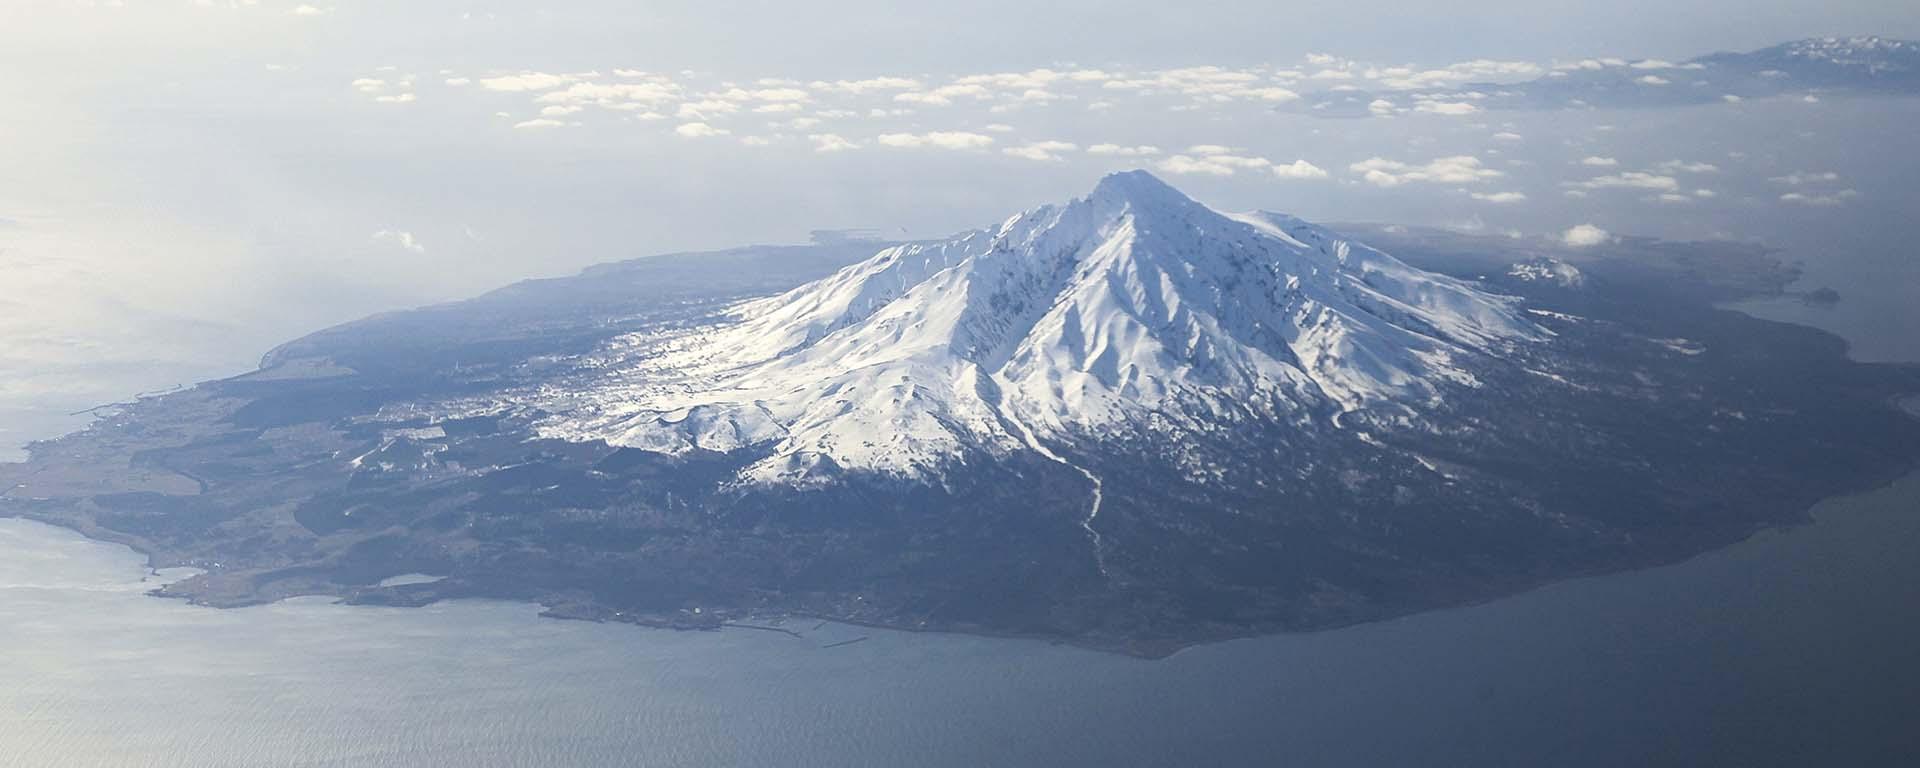 ริชิริ เป็น ภูเขา ที่อยู่ด้านเหนือสุดของฮอกไกโด ประเทศ ญี่ปุ่น